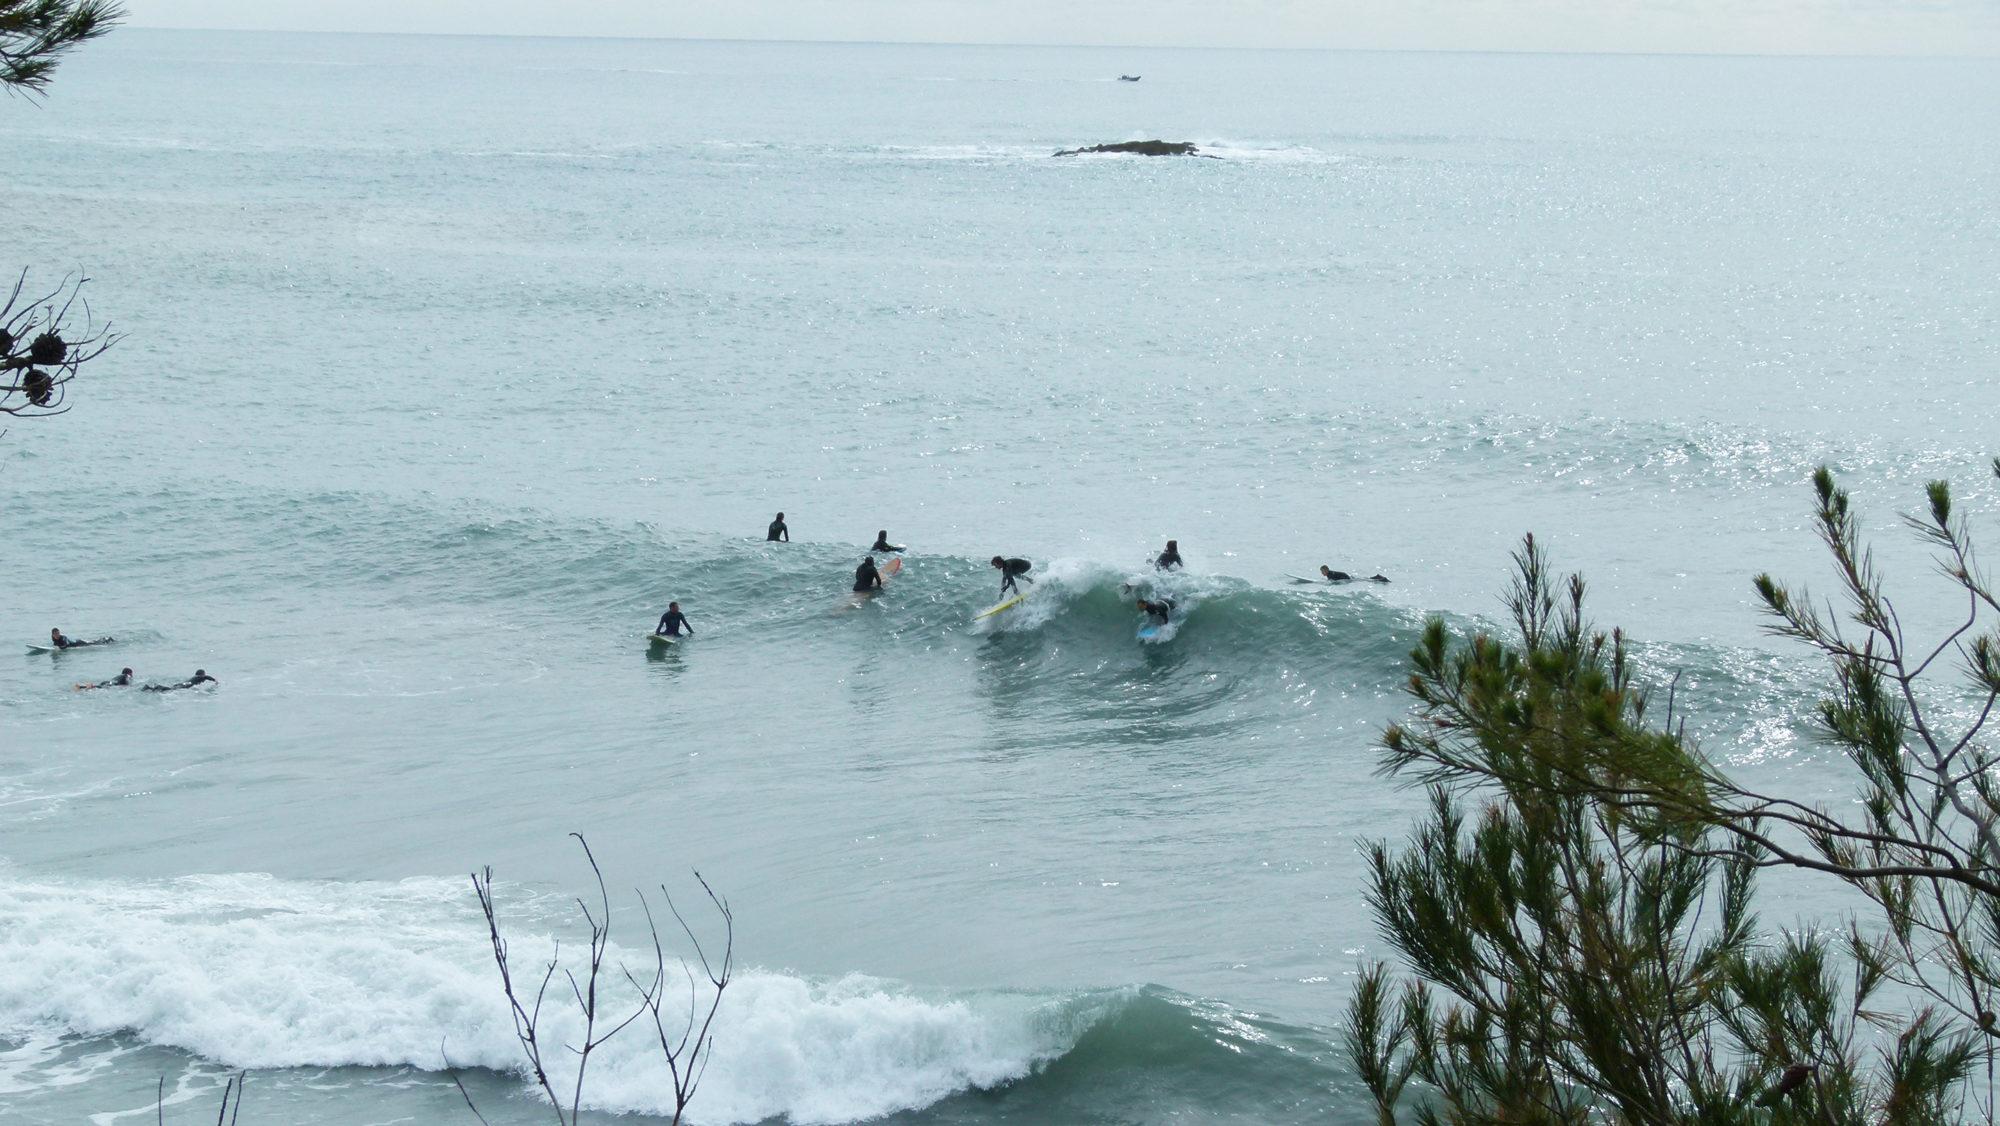 session cool, take-off, houle résiduelle, spot, surf, surfeur, surfeuse.fr, vague, côte bleue, surfeuse